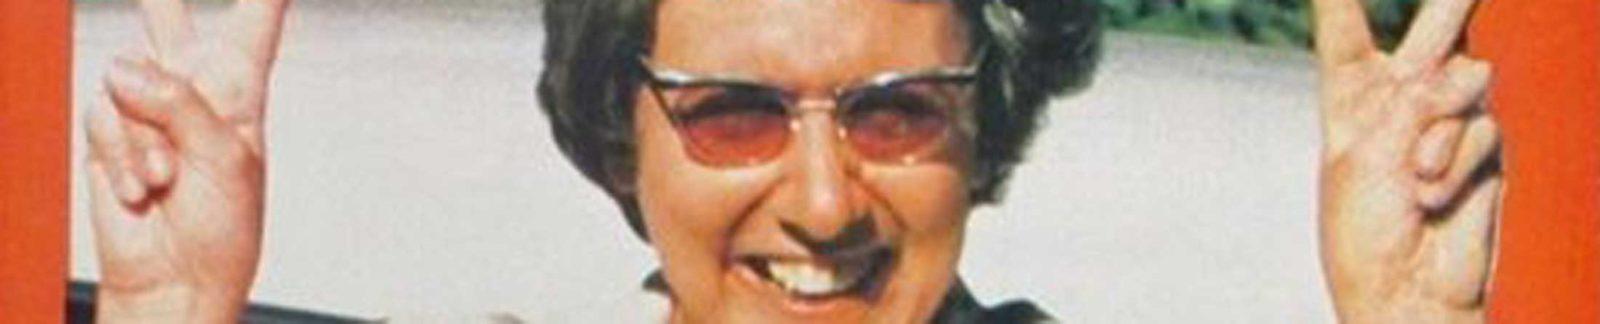 Aunt Mary, baseball movie - header